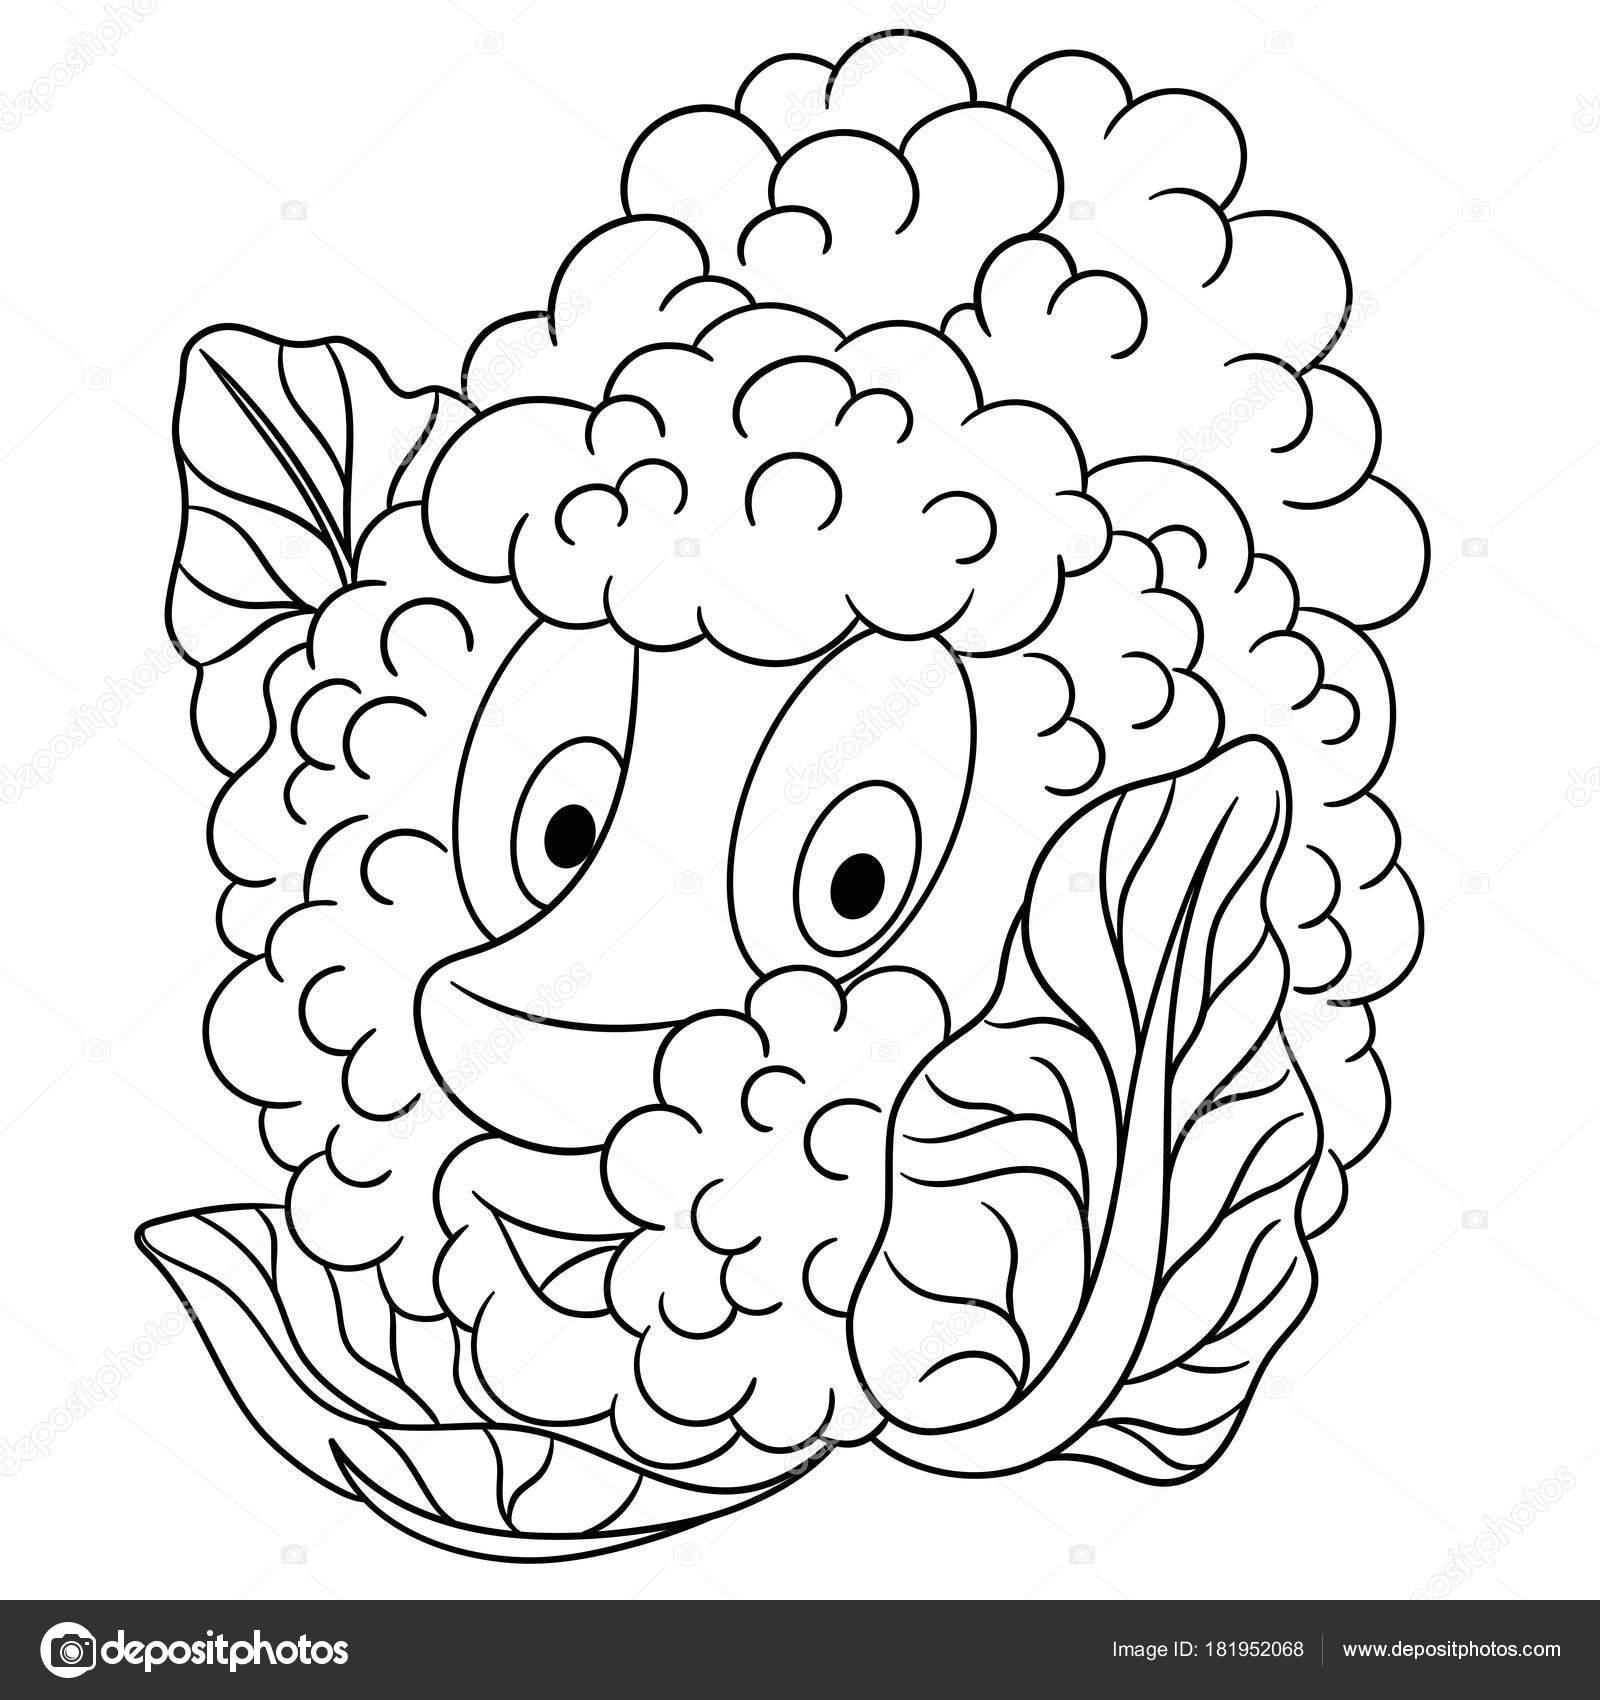 Malvorlagen Cartoon Blumenkohl Fröhlichen Gemüse Charakter Symbol ...